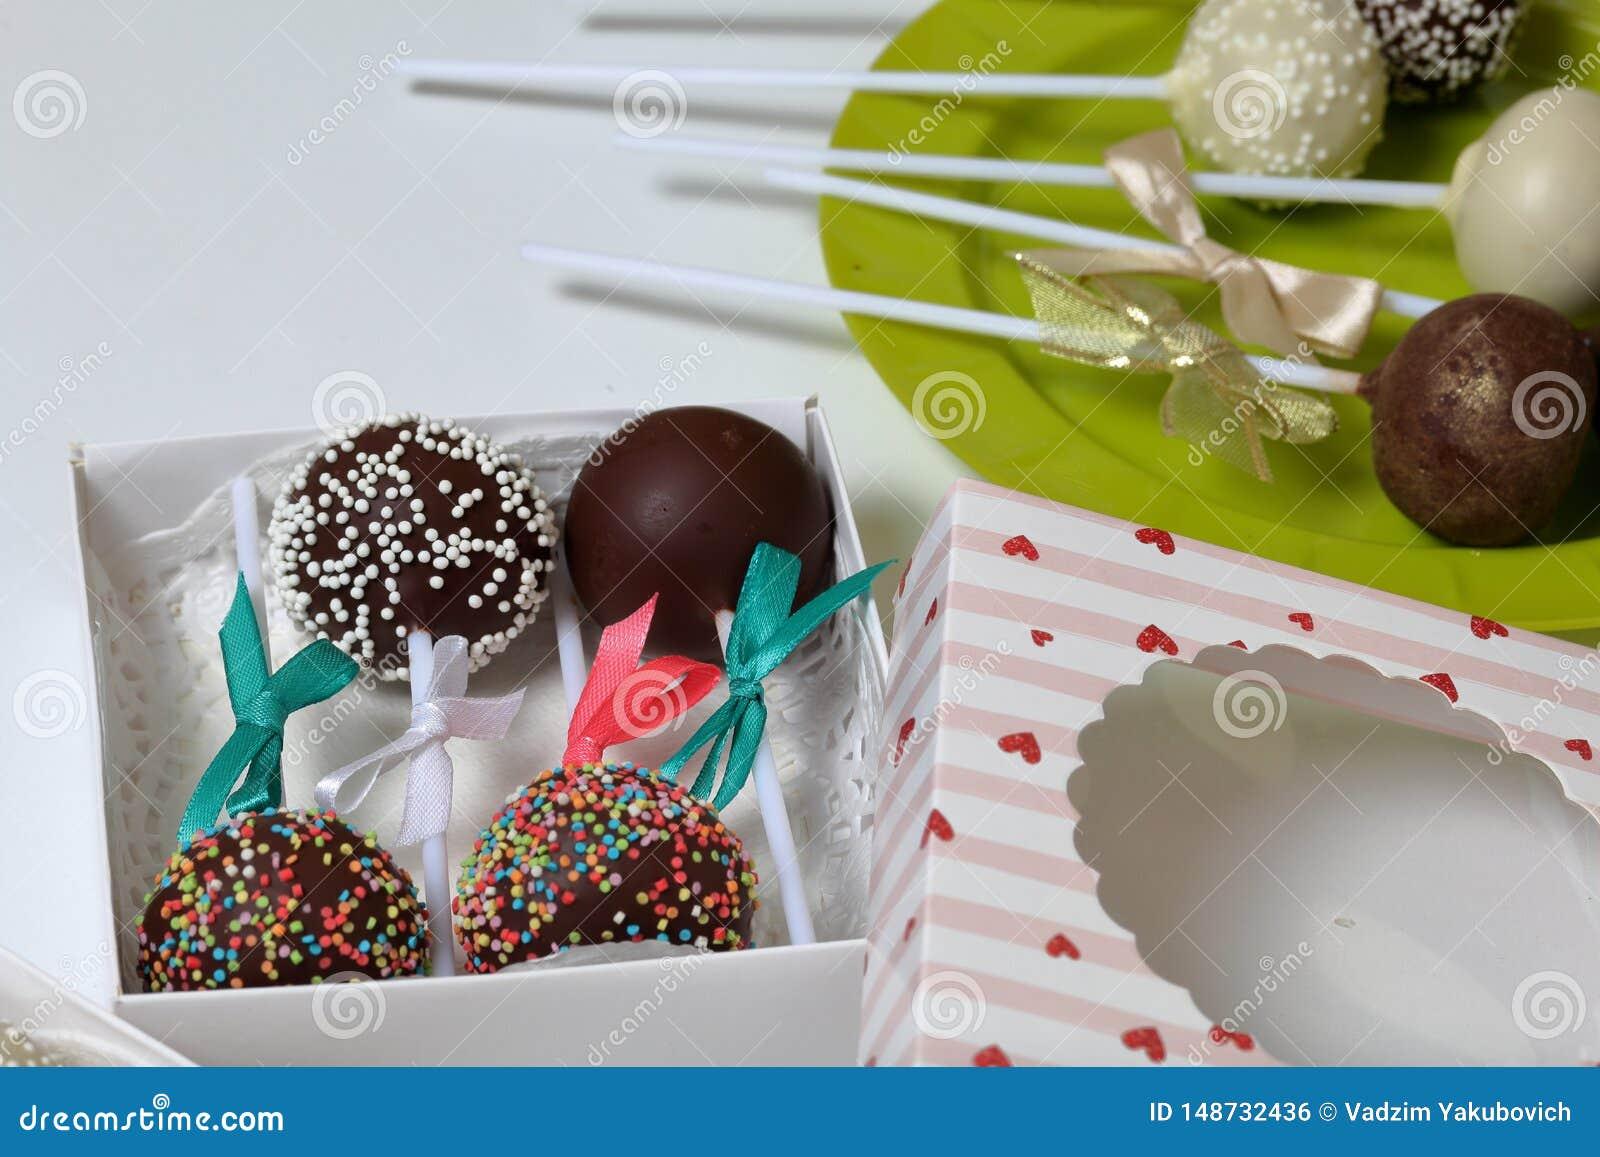 De cake knalt verfraaid met een boog van vlecht, die in een giftdoos wordt ingepakt Andere snoepjes zijn dicht langs op de plaat